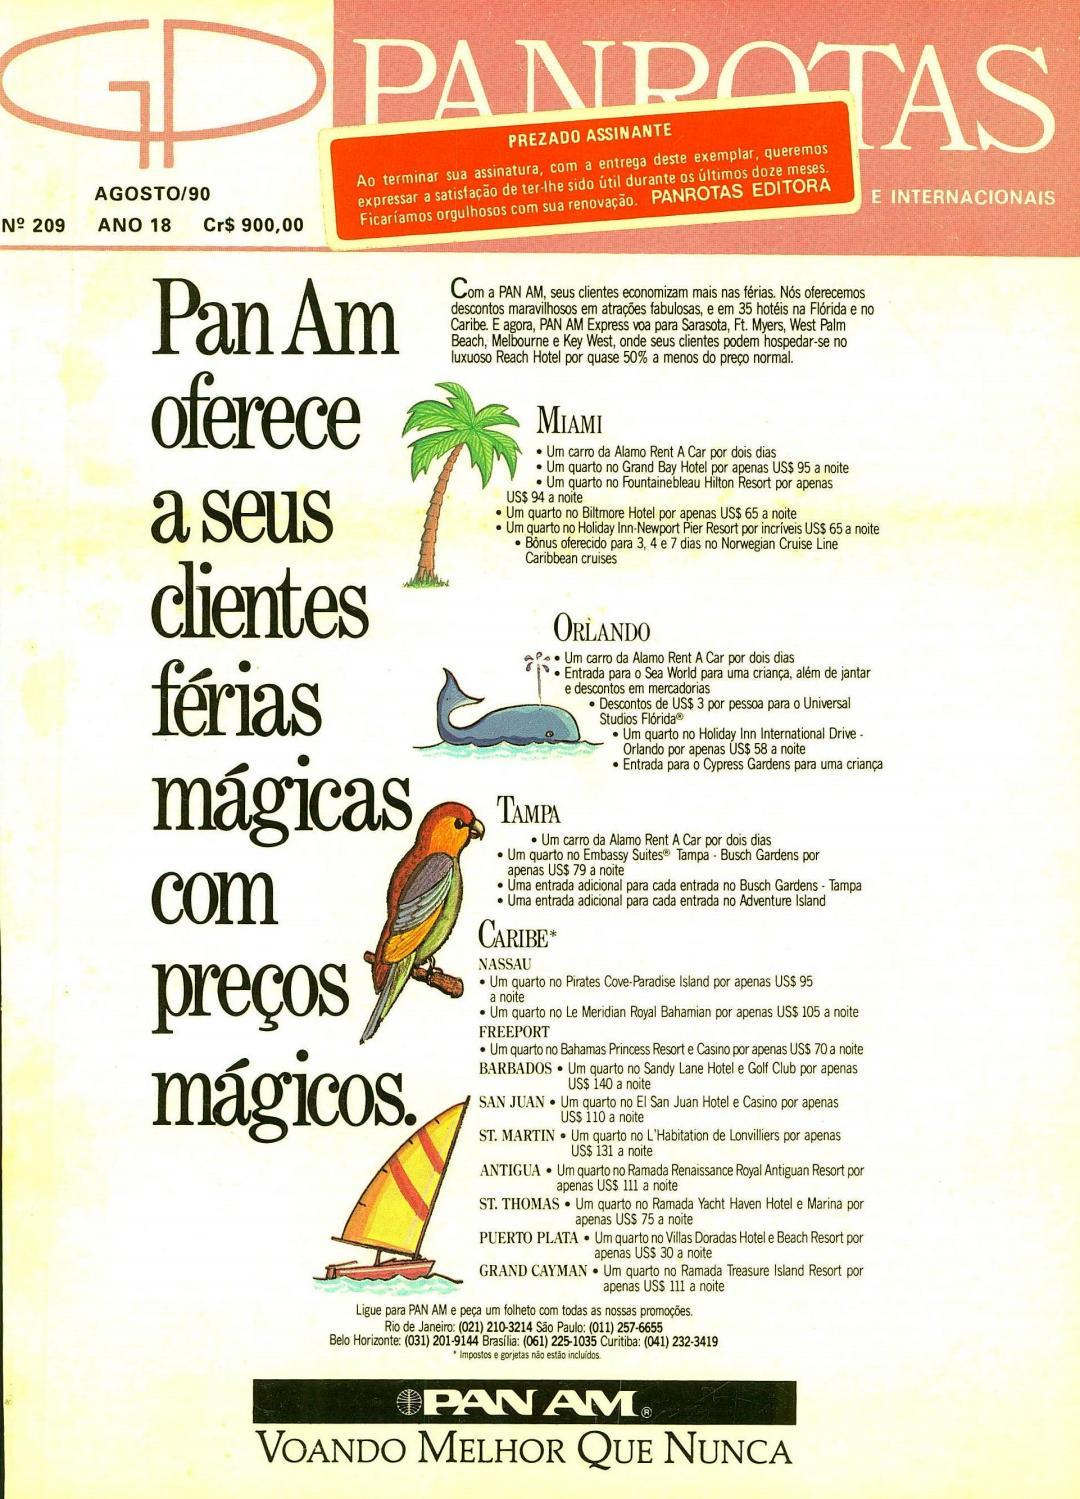 Guia PANROTAS - Edição 209 - Agosto 1990 by PANROTAS Editora - issuu 0252cfaa1758